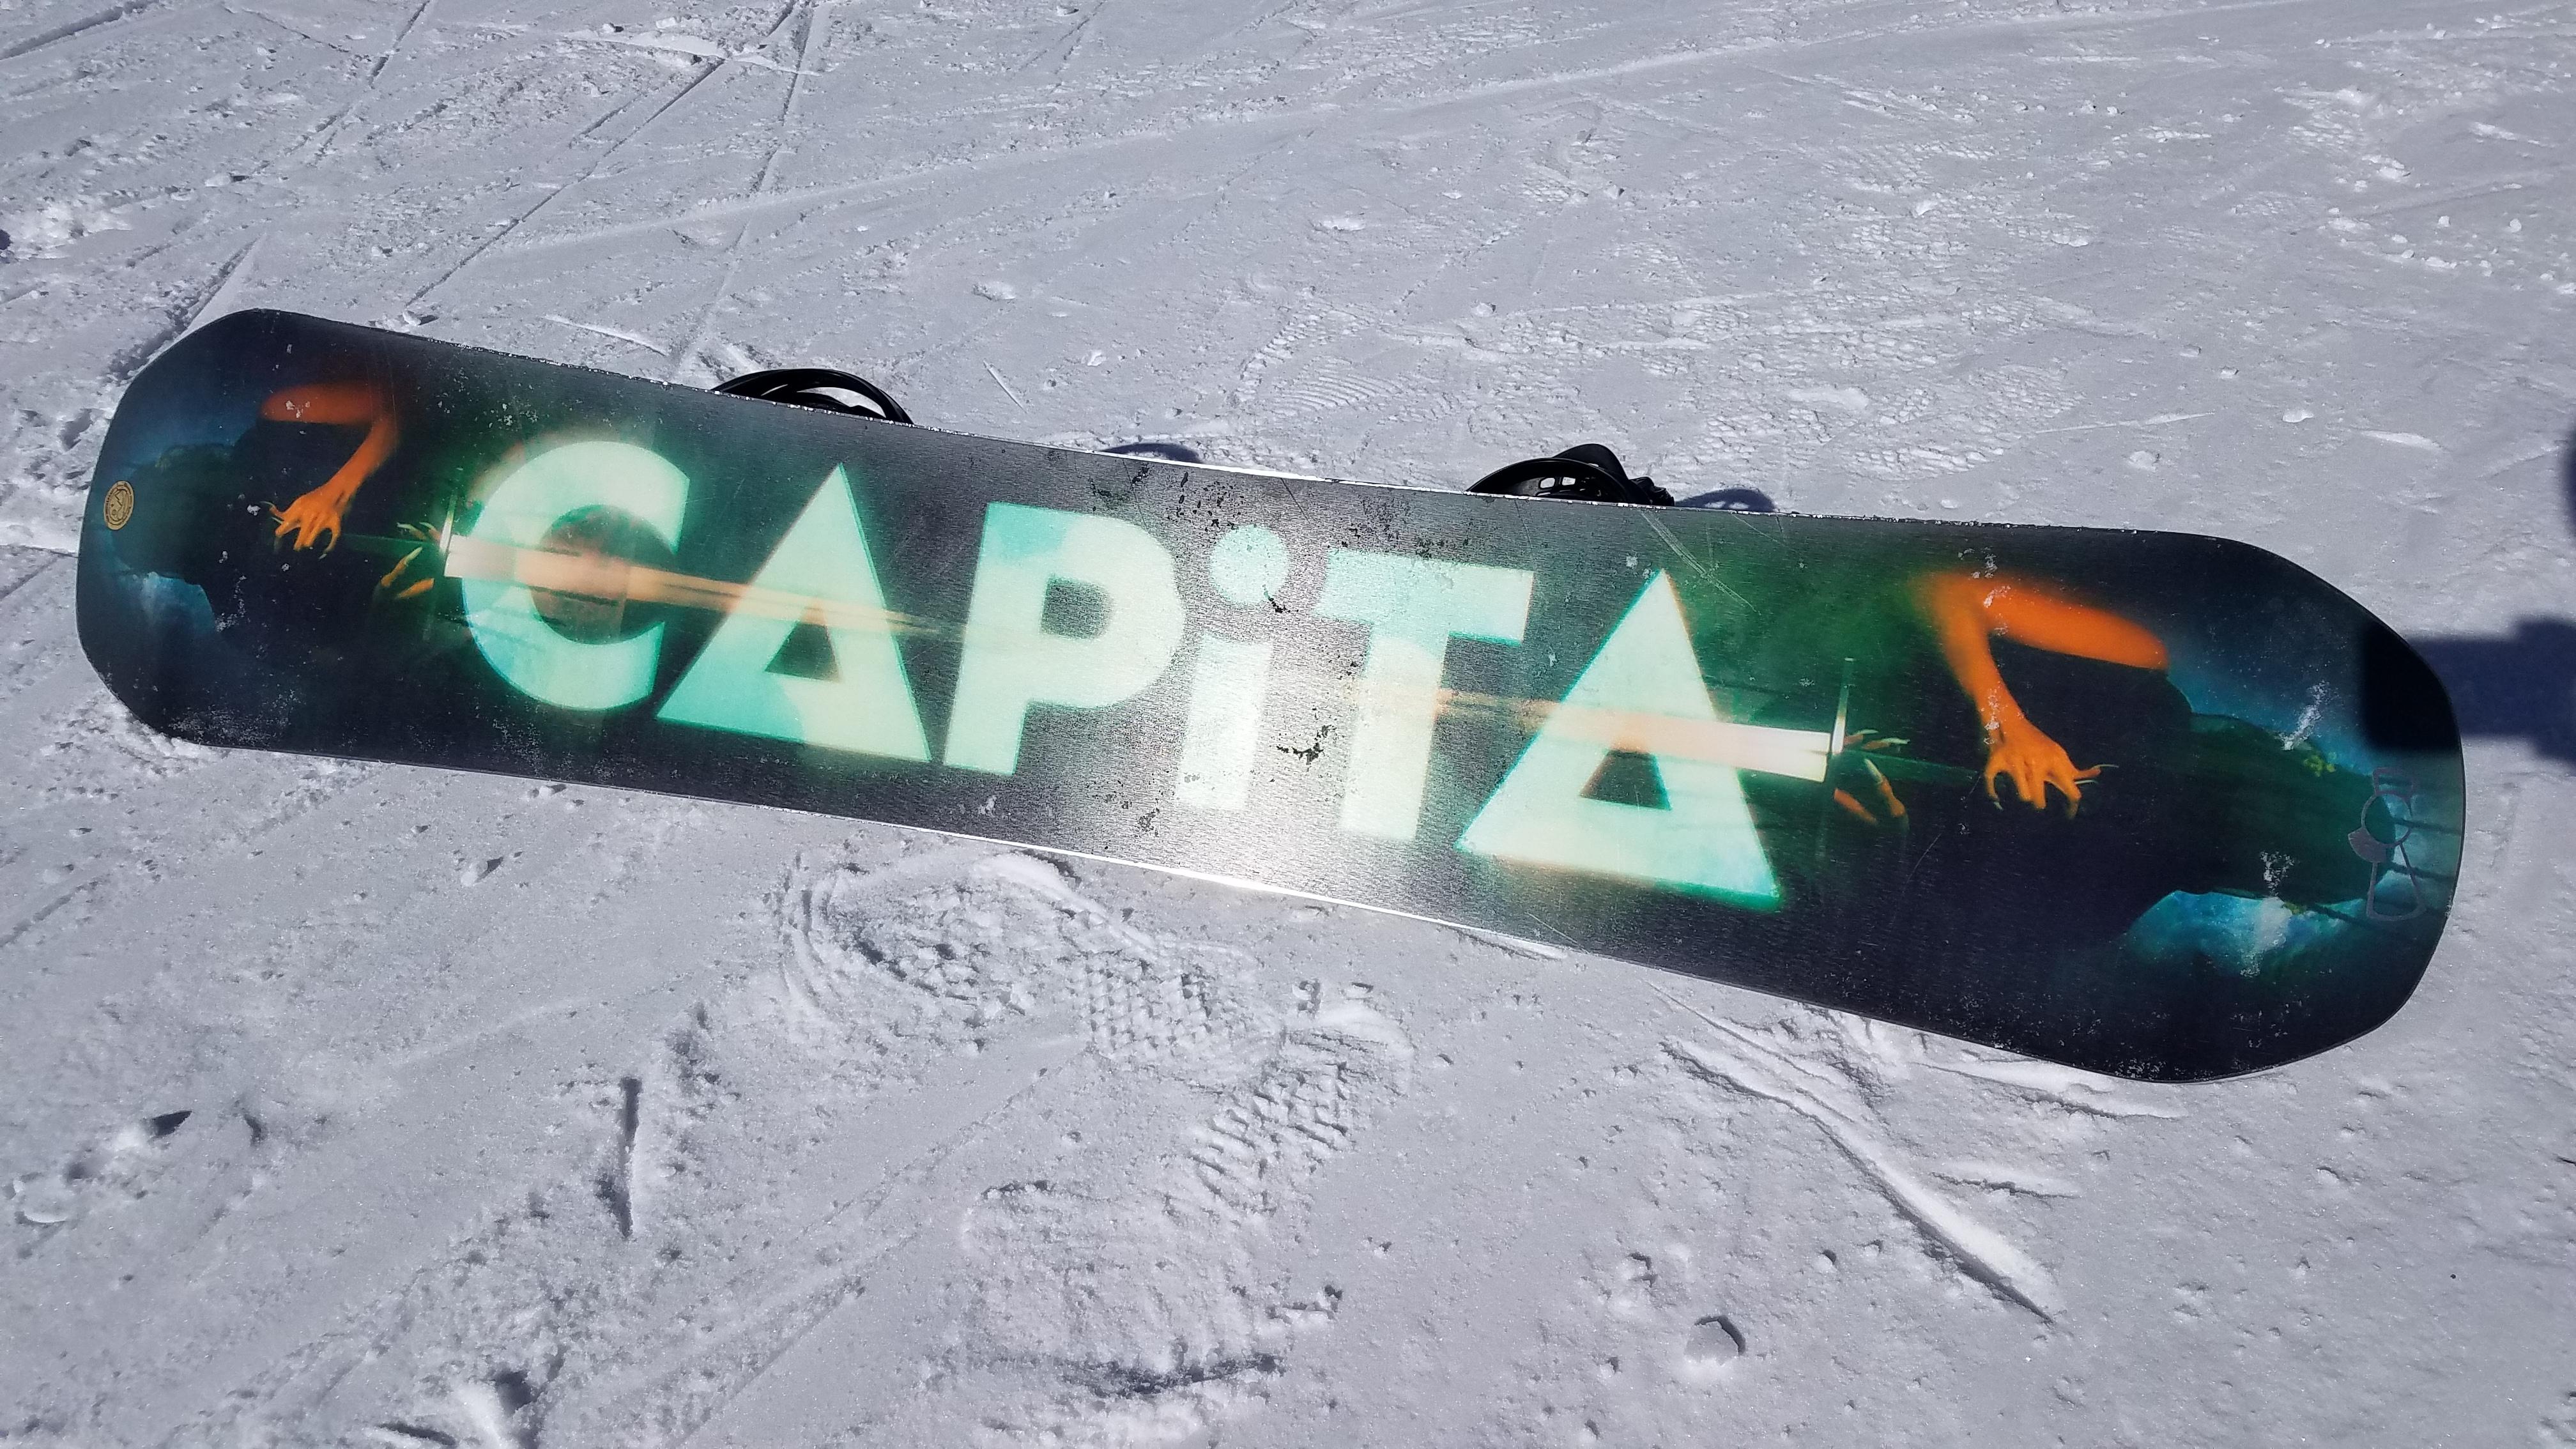 cf8d43af5260 2019 Capita DOA Review